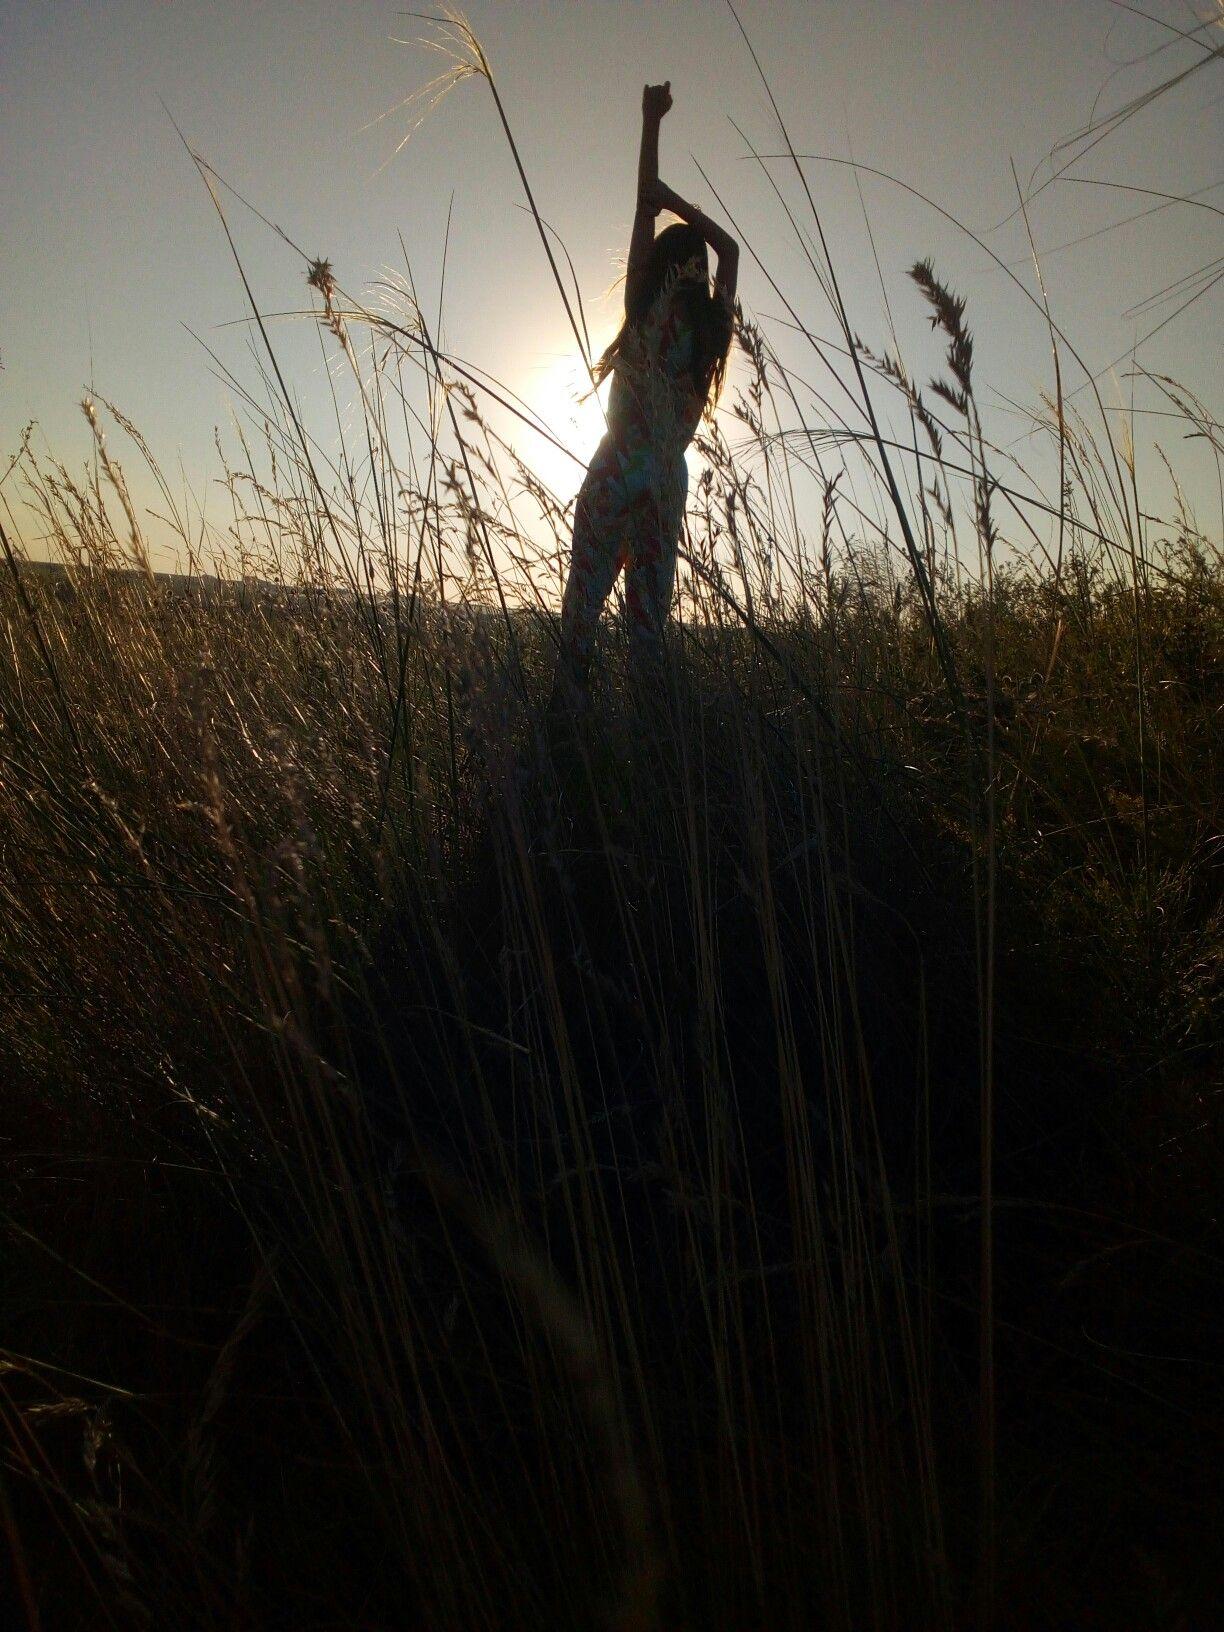 Идеи для фото в поле летом позы | Фотография на природе ...